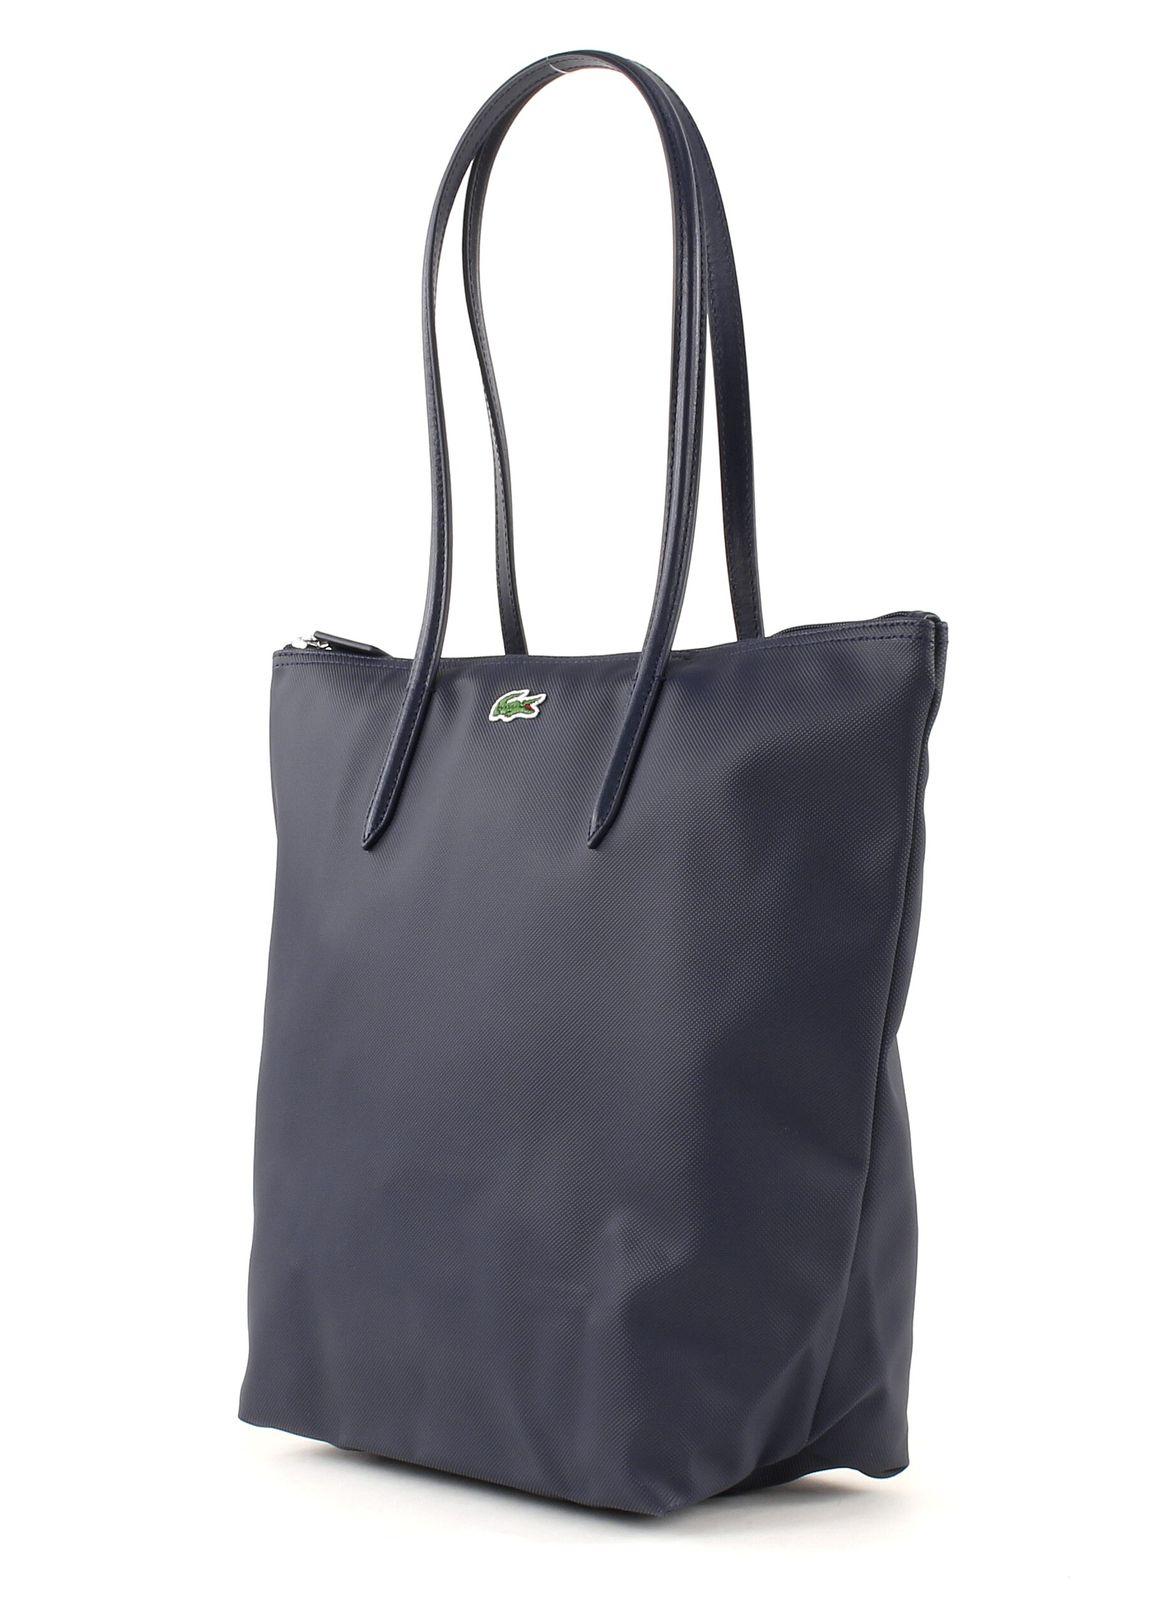 LACOSTE L.12.12 Concept Vertical Shopping Bag Eclipse